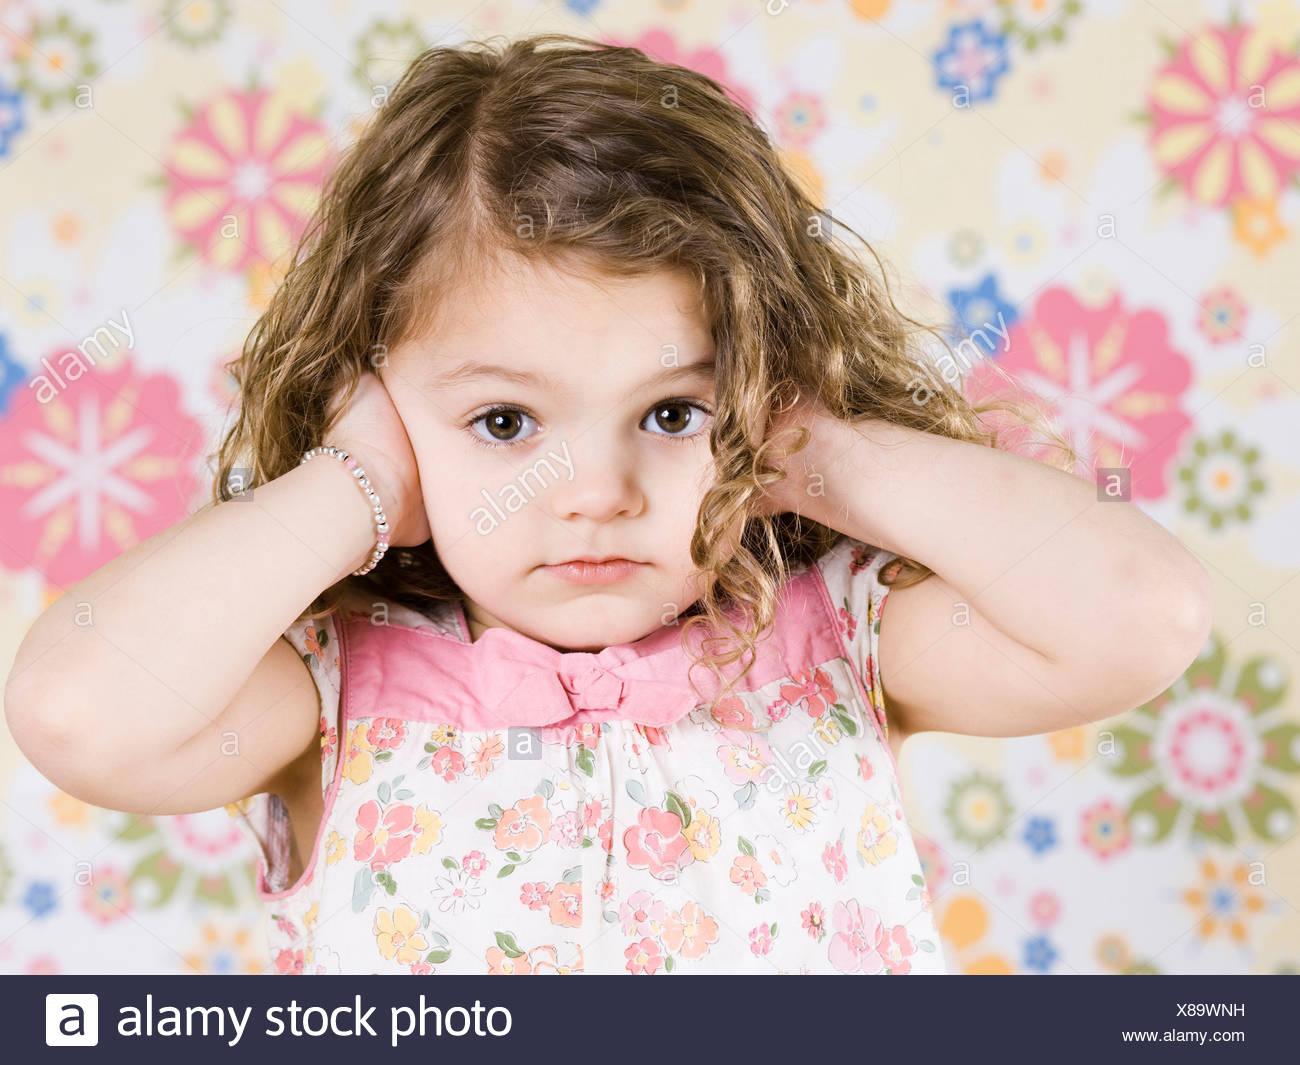 little girl - Stock Image